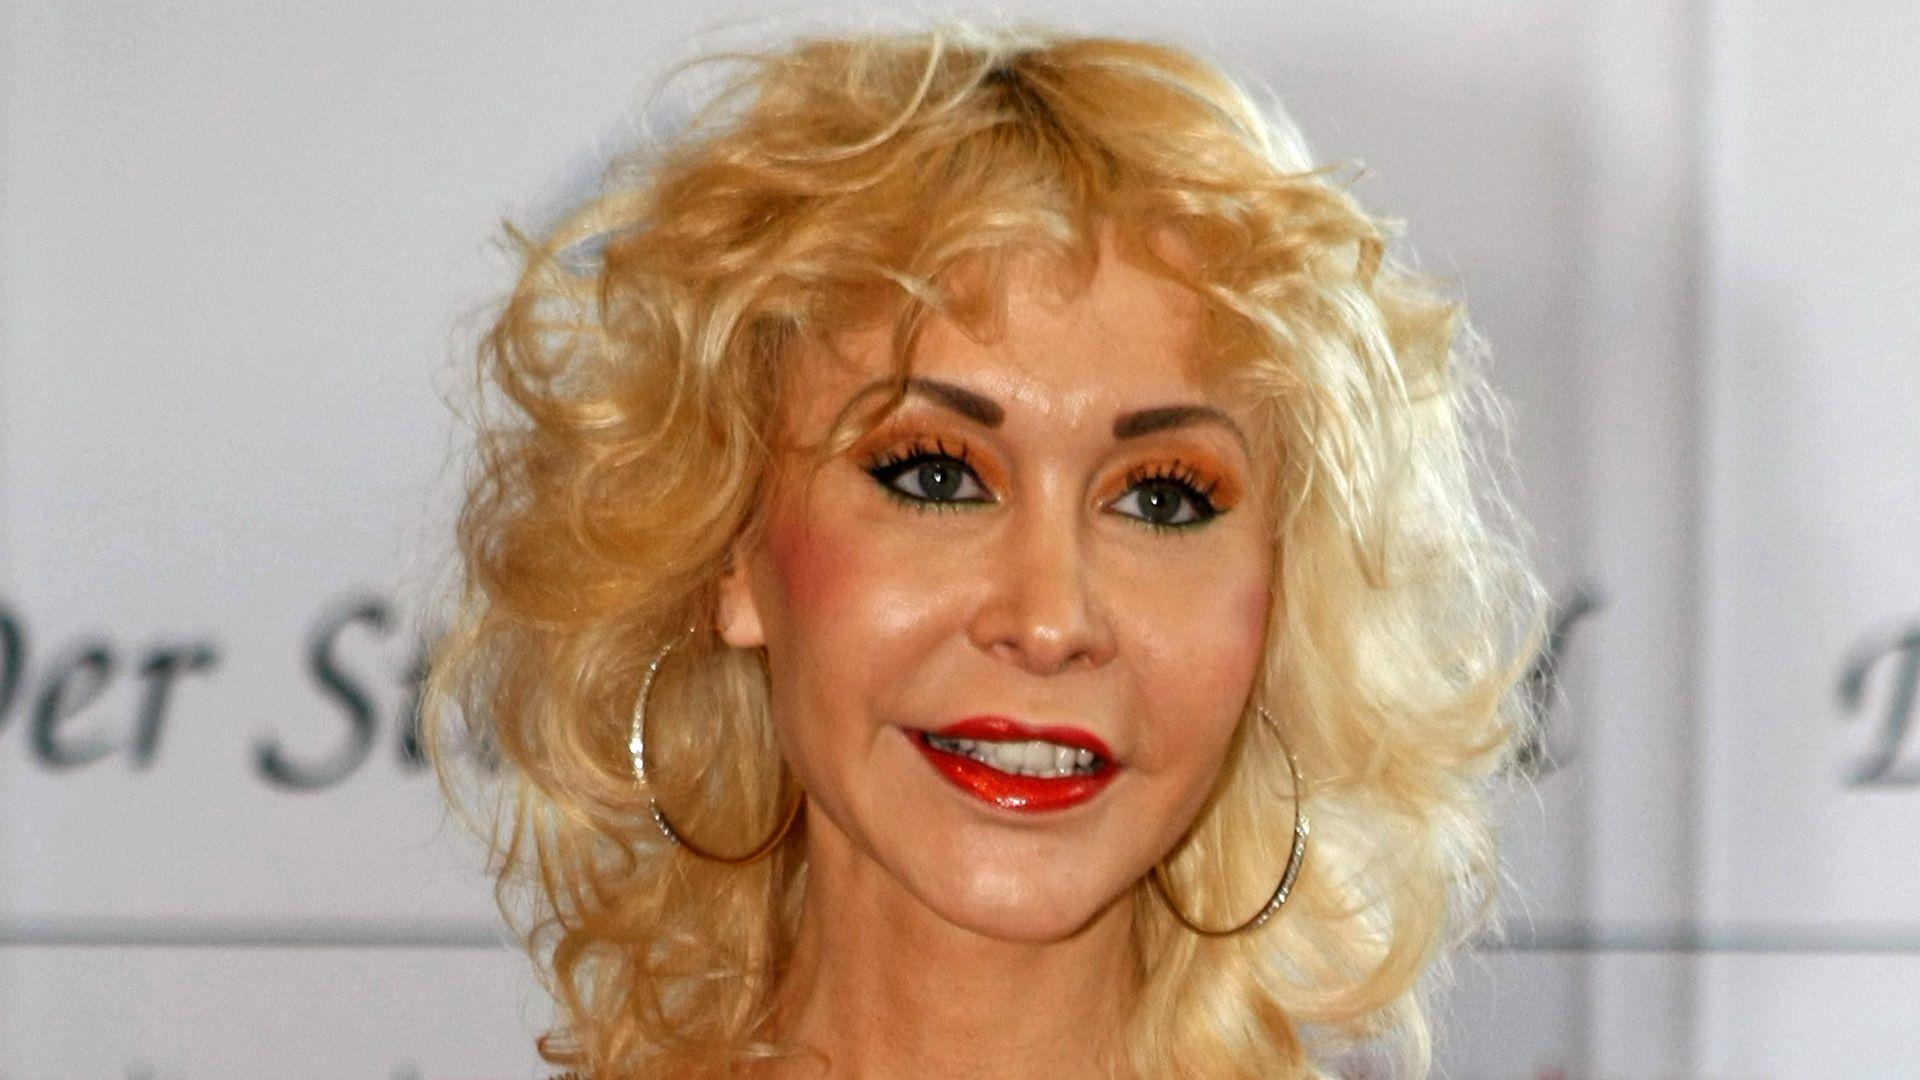 Wegen Tinnitus: Dolly Buster lässt Party zum 50. ausfallen